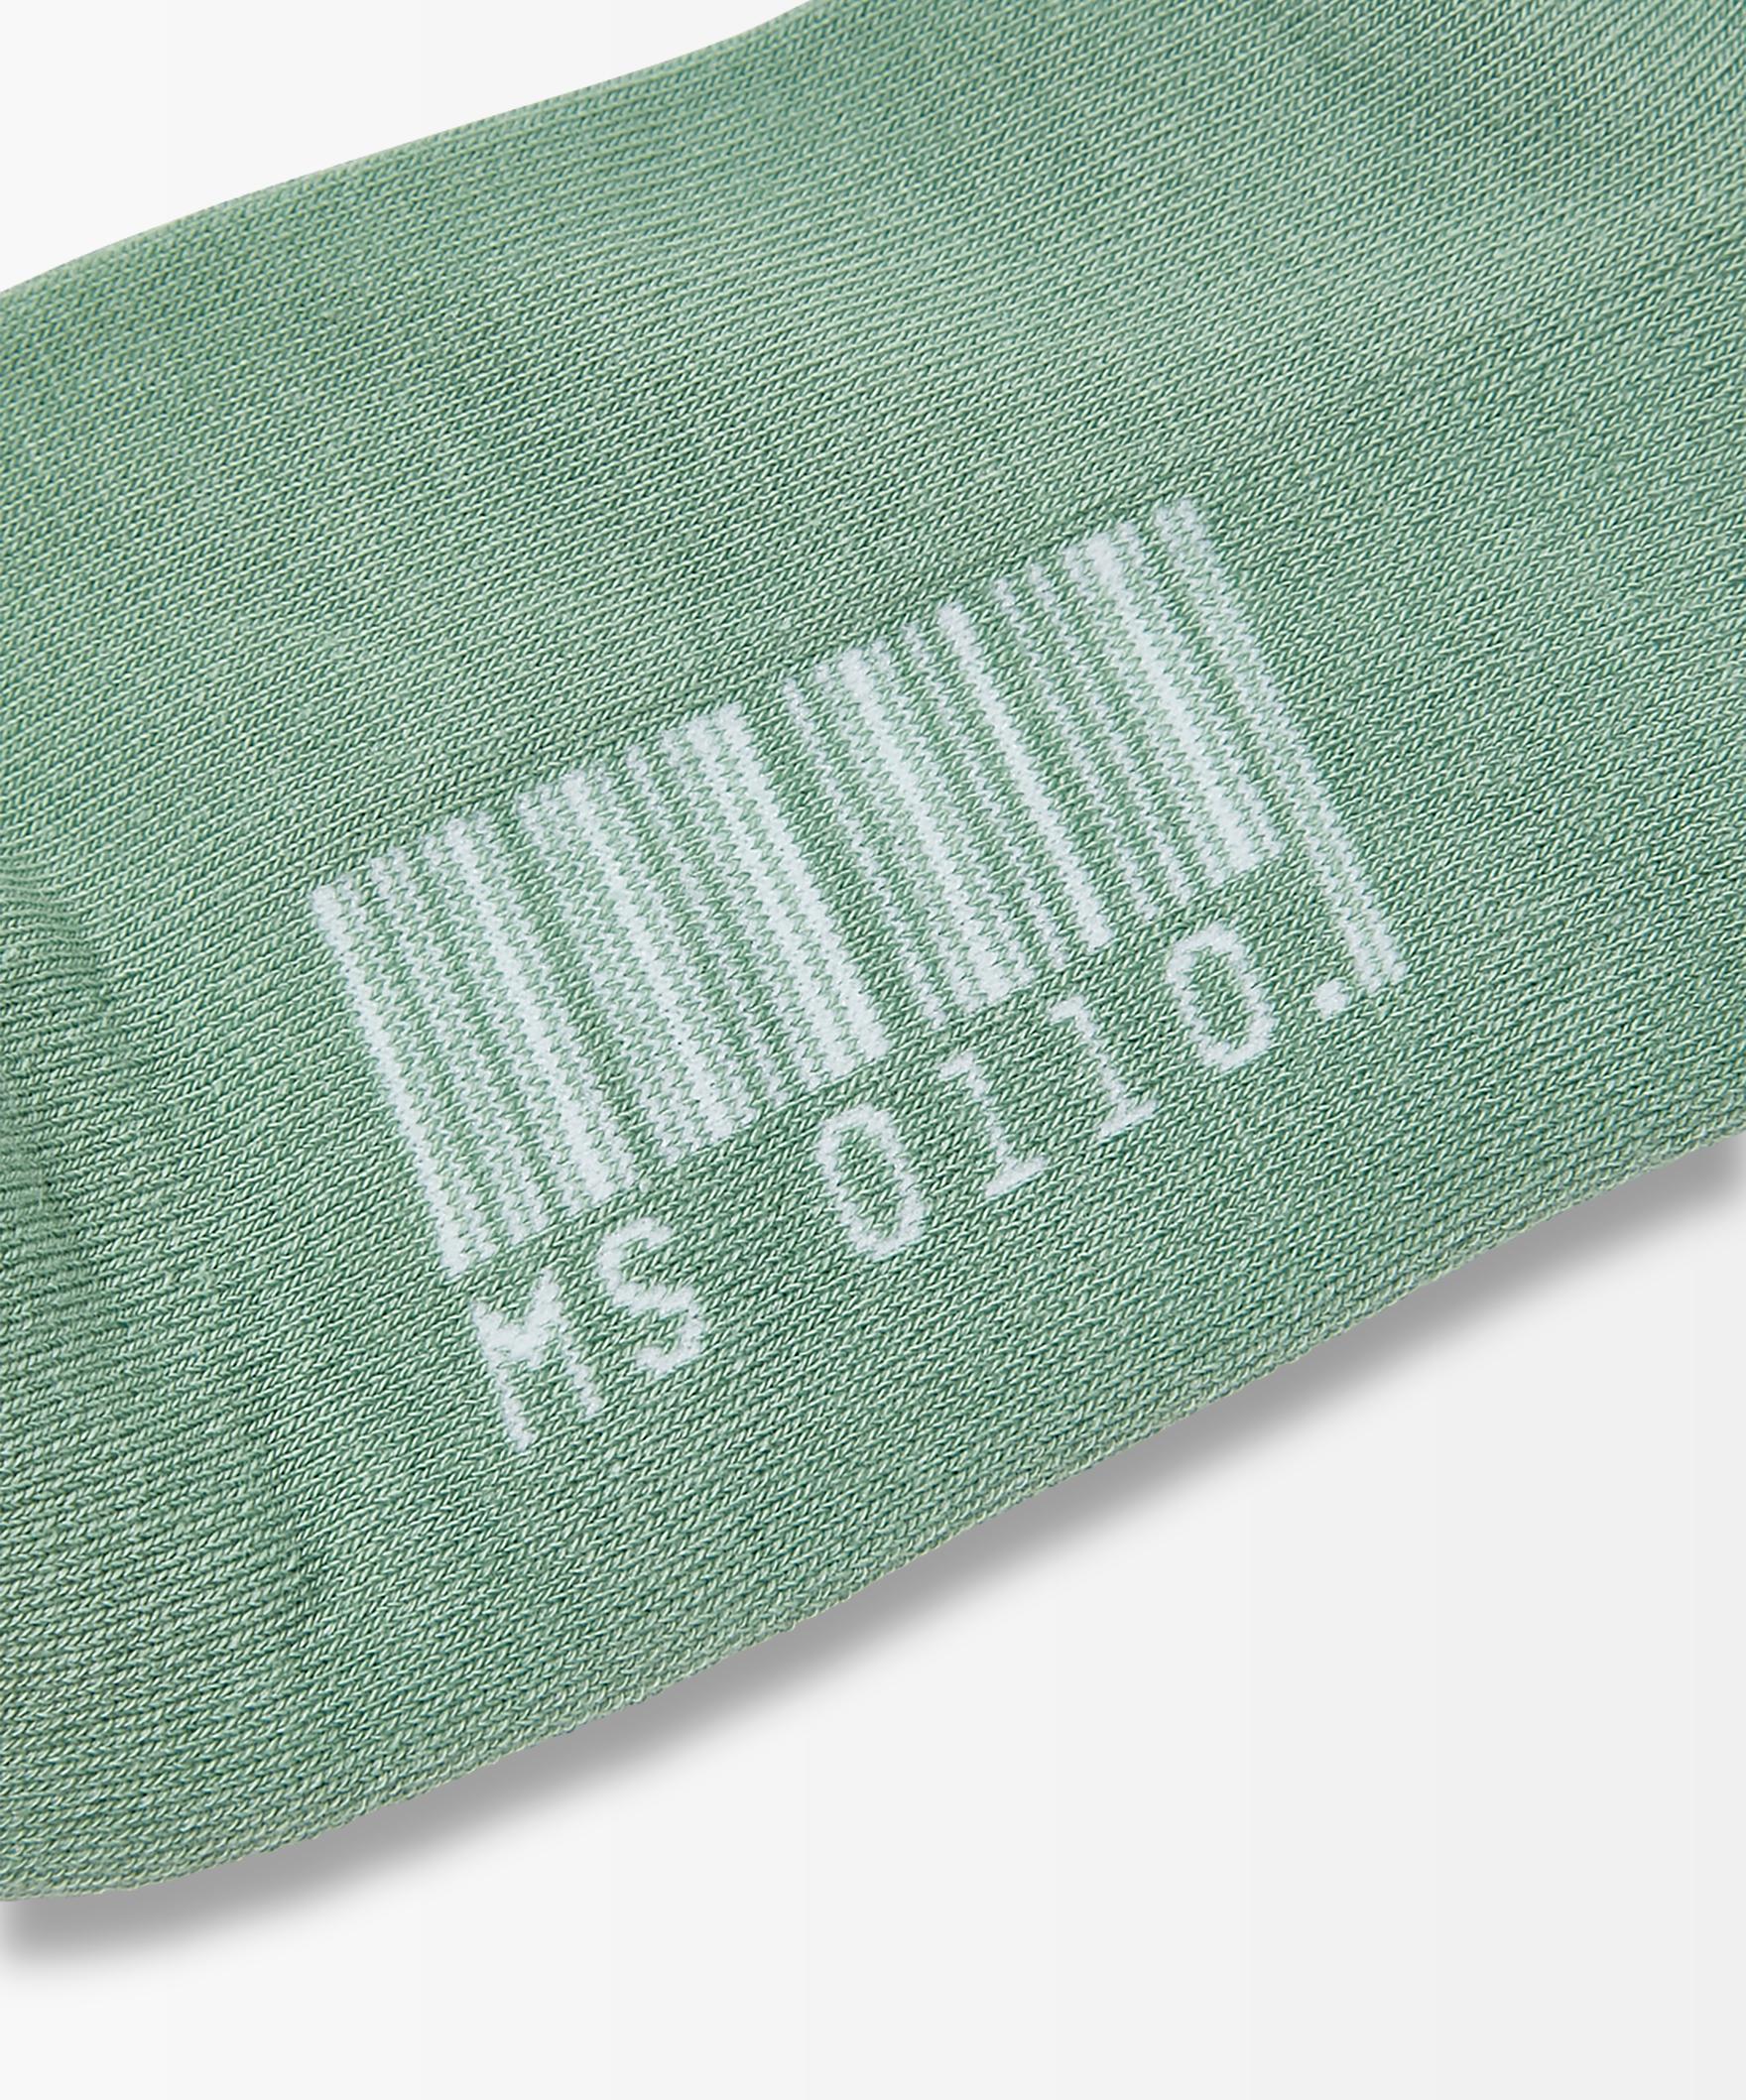 MS0110ソックスセット